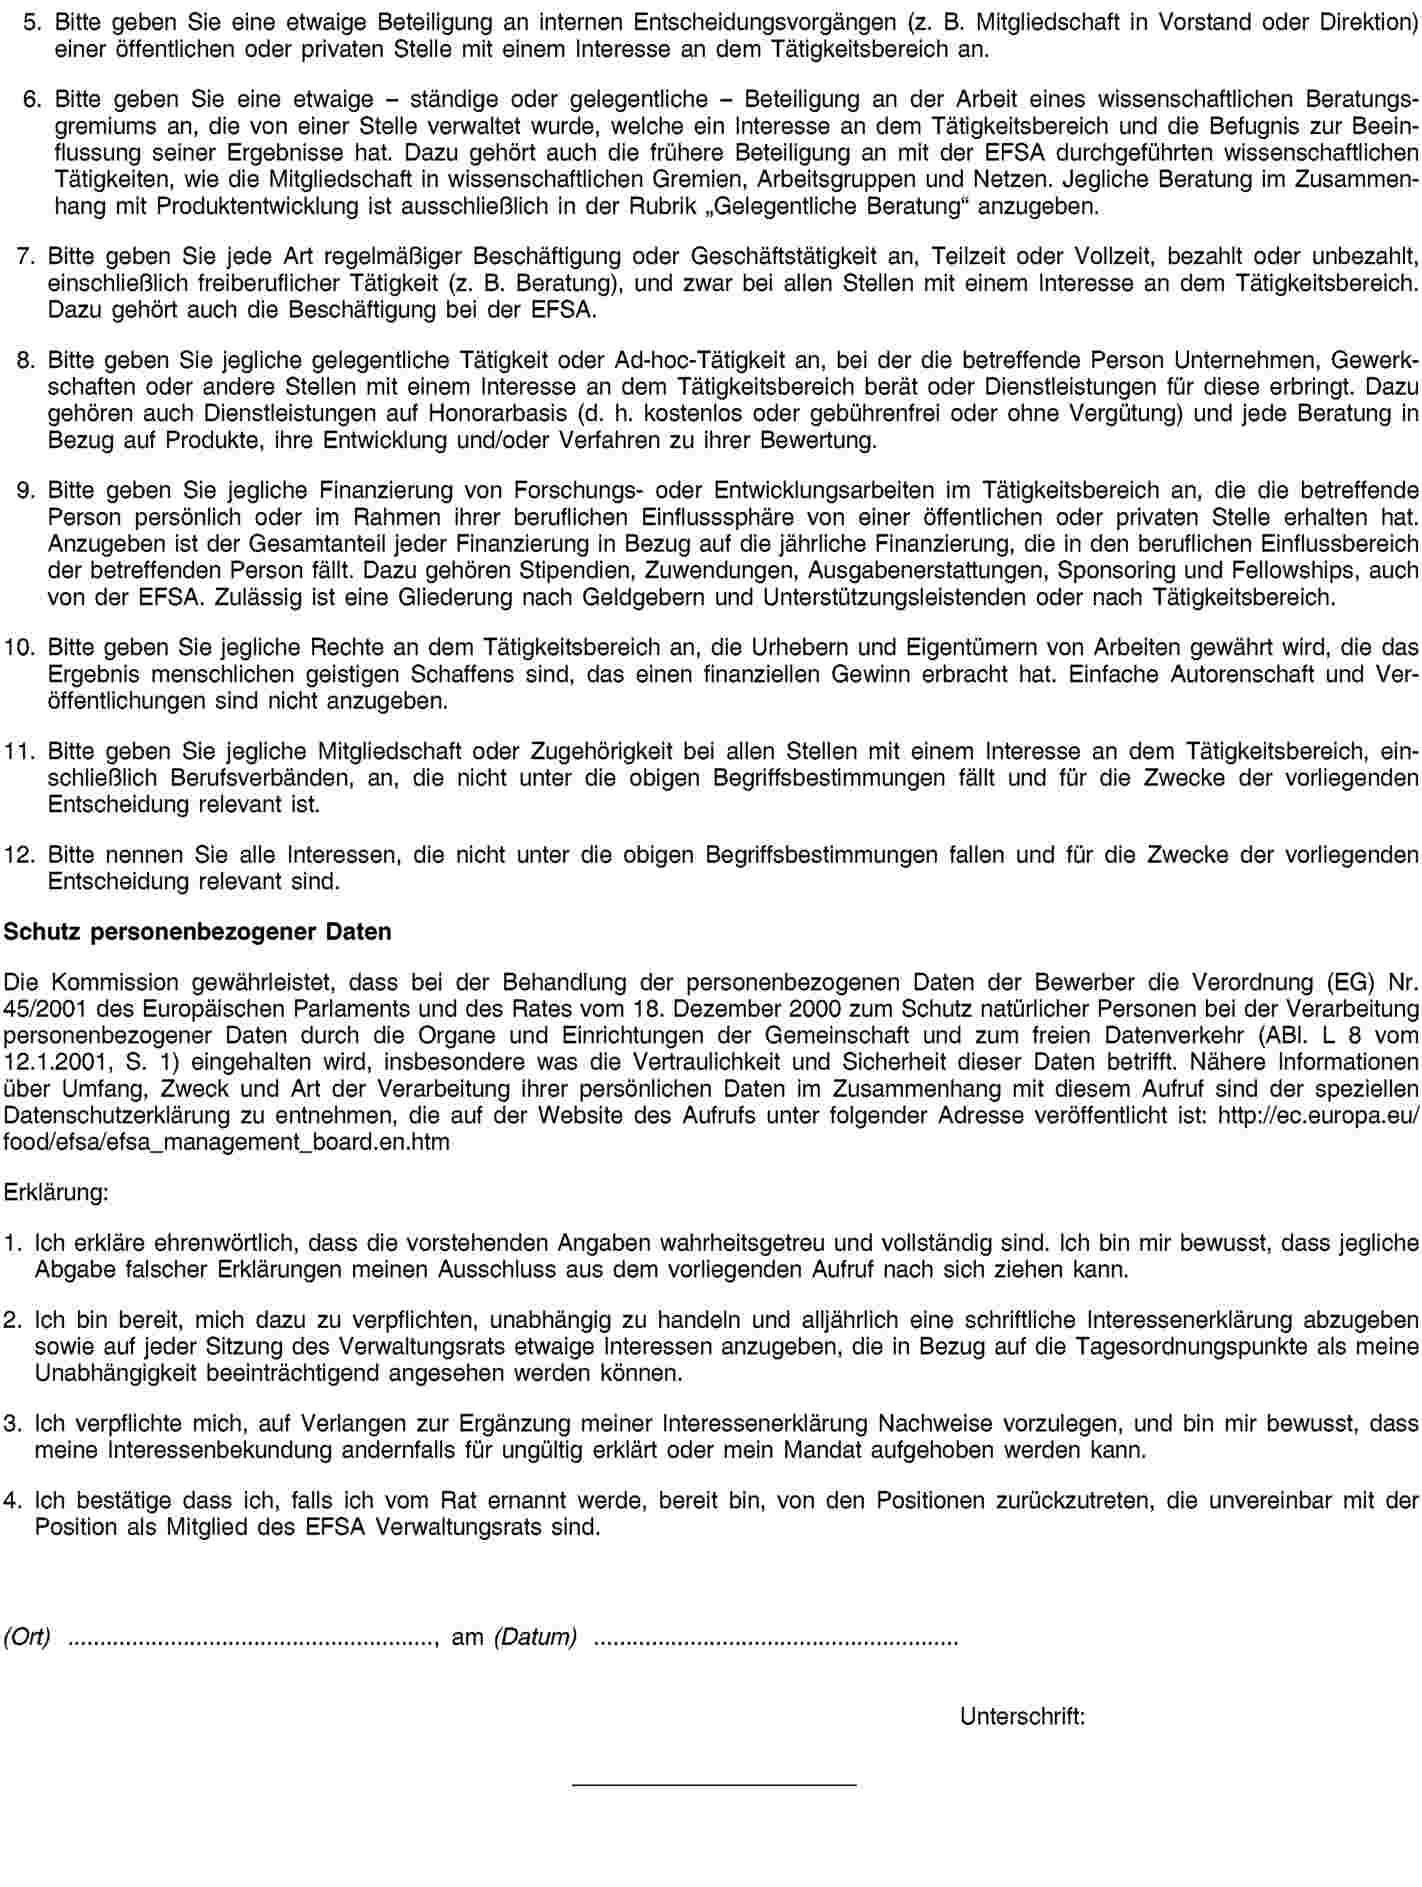 EUR-Lex - C2013/138/09 - EN - EUR-Lex